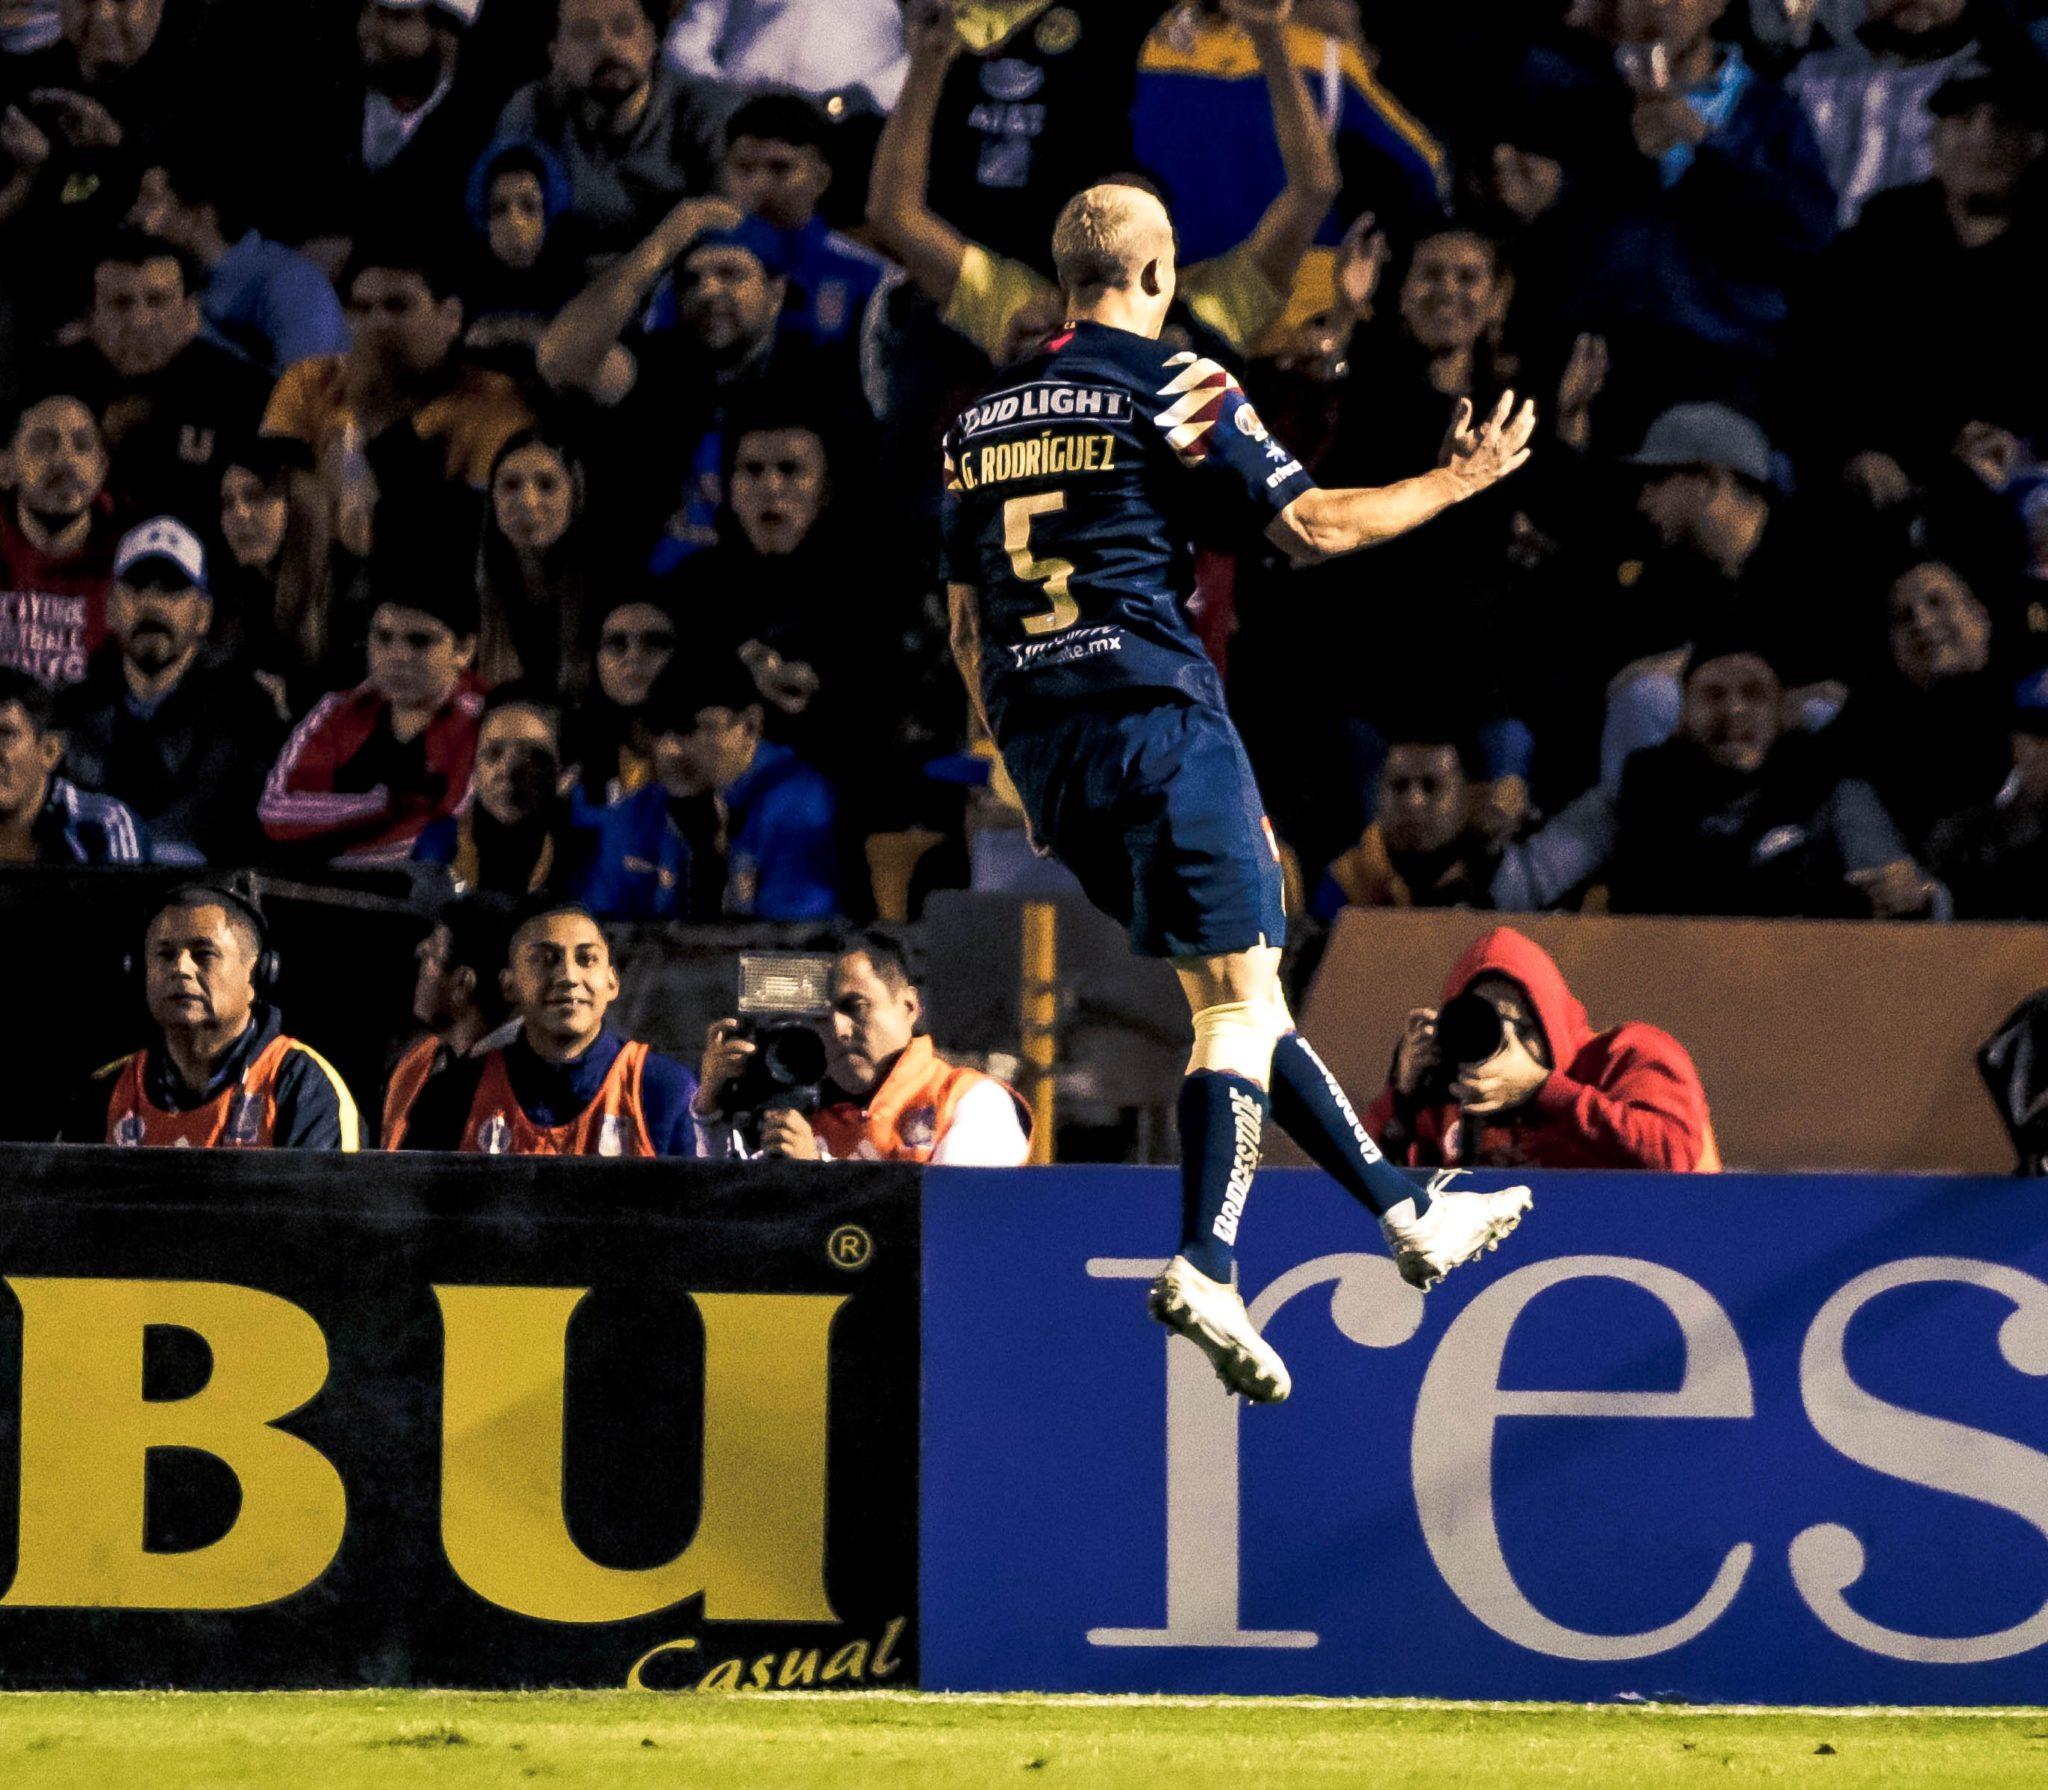 Tigres vuela a las semifinales del Apertura 2019. Foto: Twitter